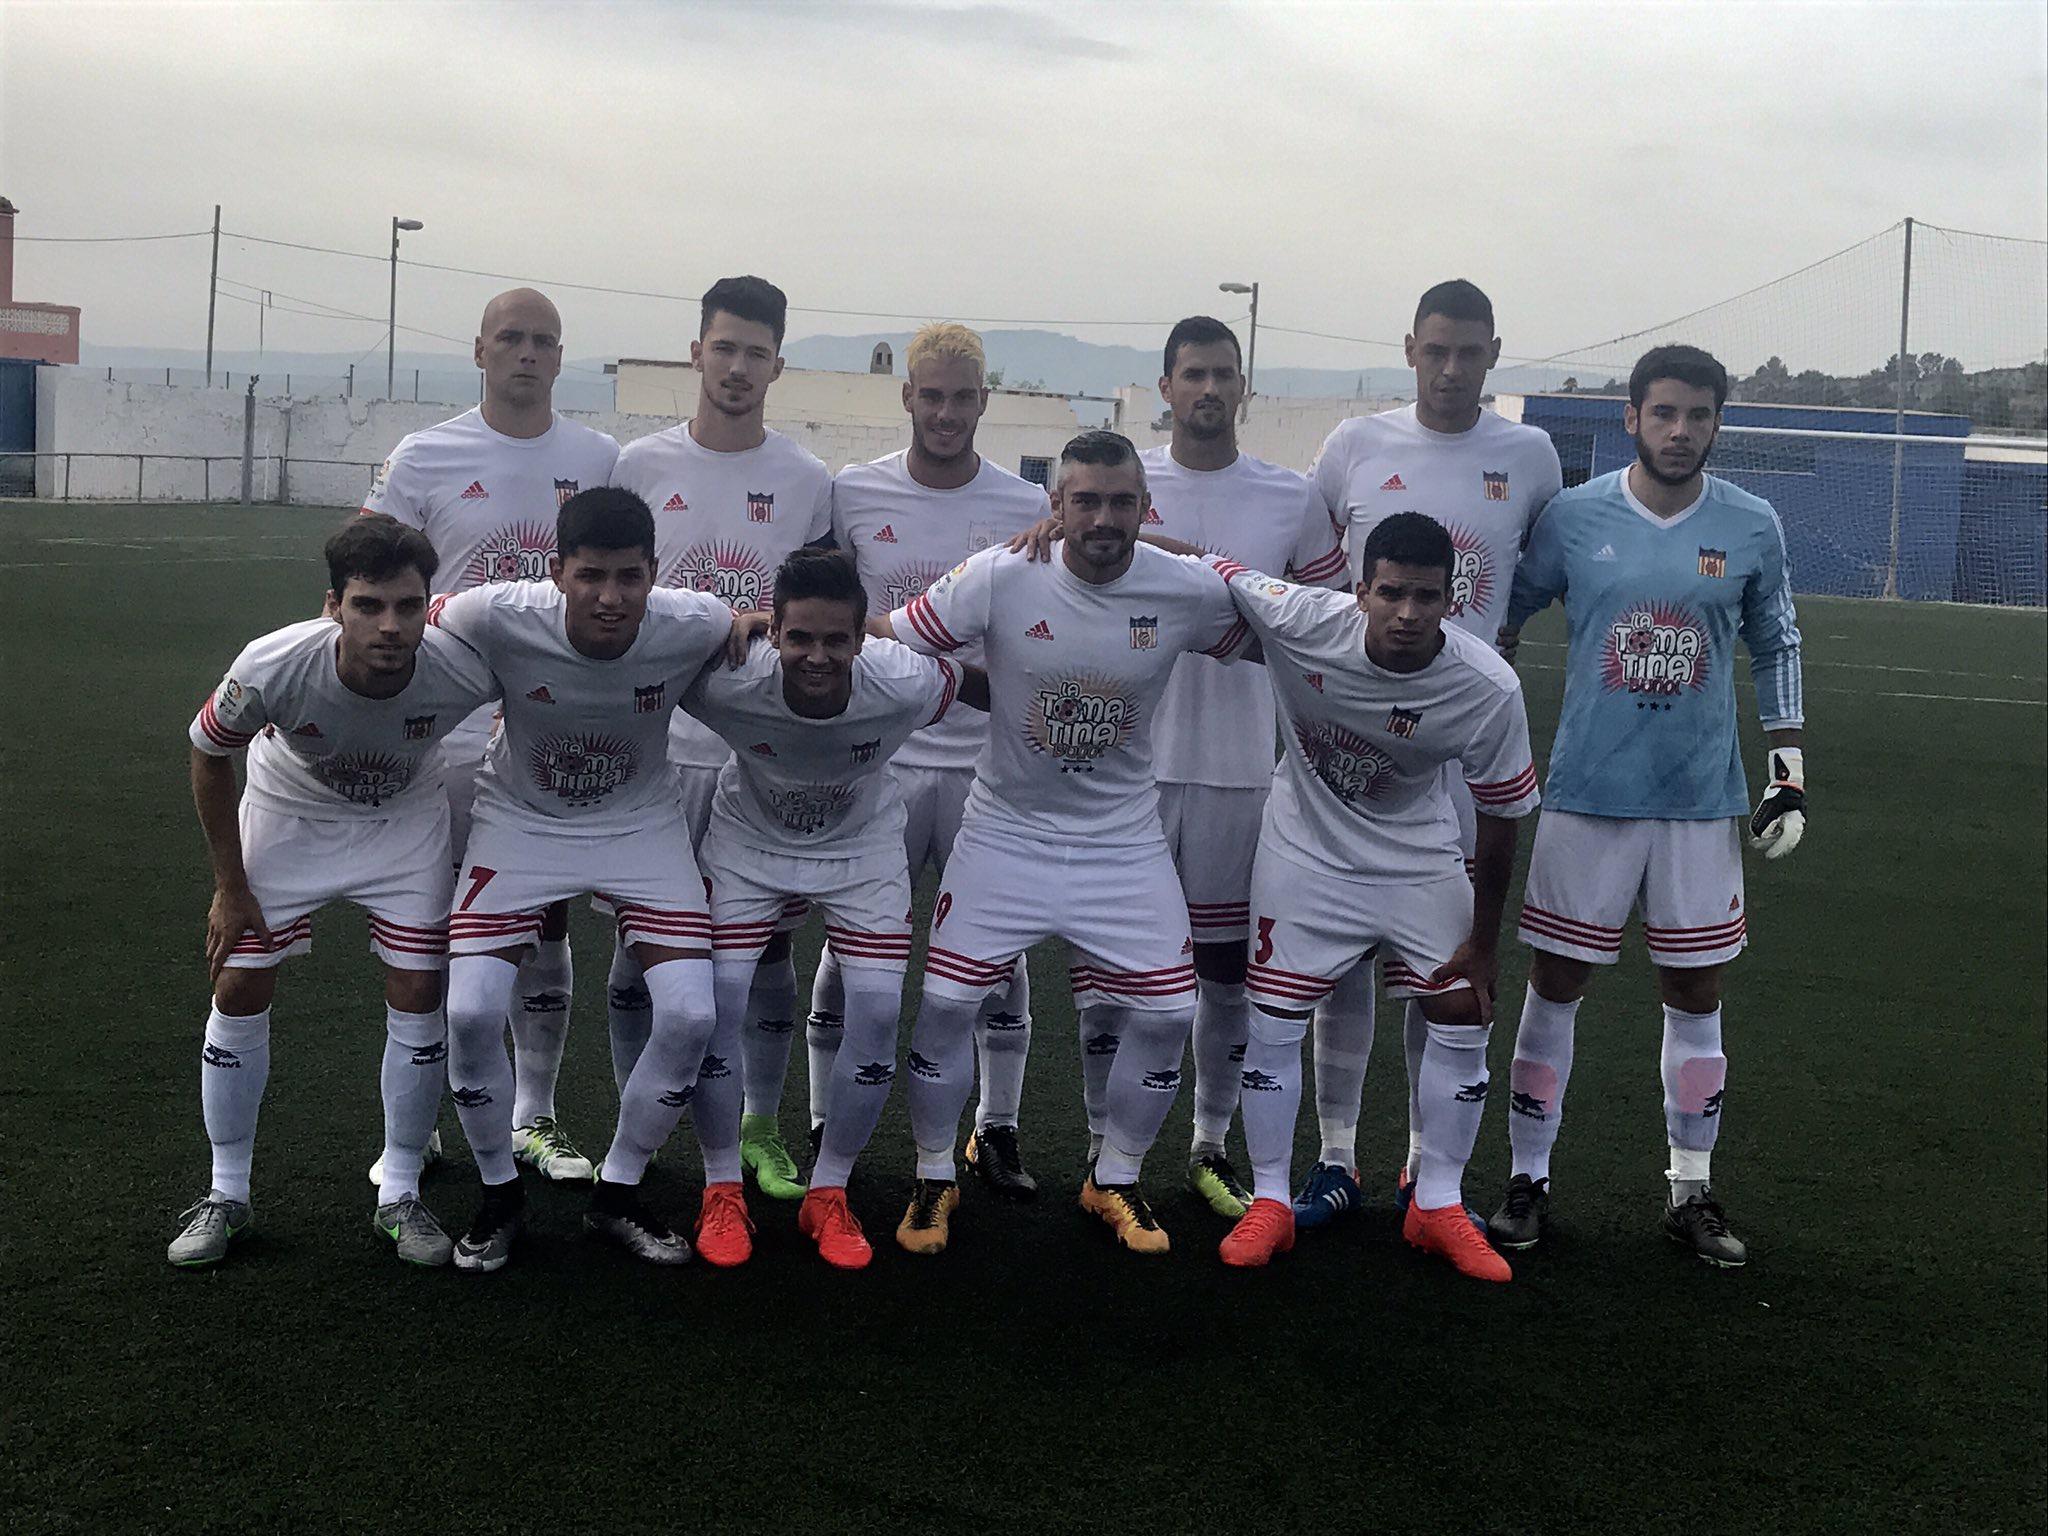 El equipo titular del CD Buñol del primer partido de liga: Pablo Vidal, Chuso, Nacho, Jesús, Fabiani, Pablo (portero), Iranzo, Matías, César, Vallecillo y Adrián.